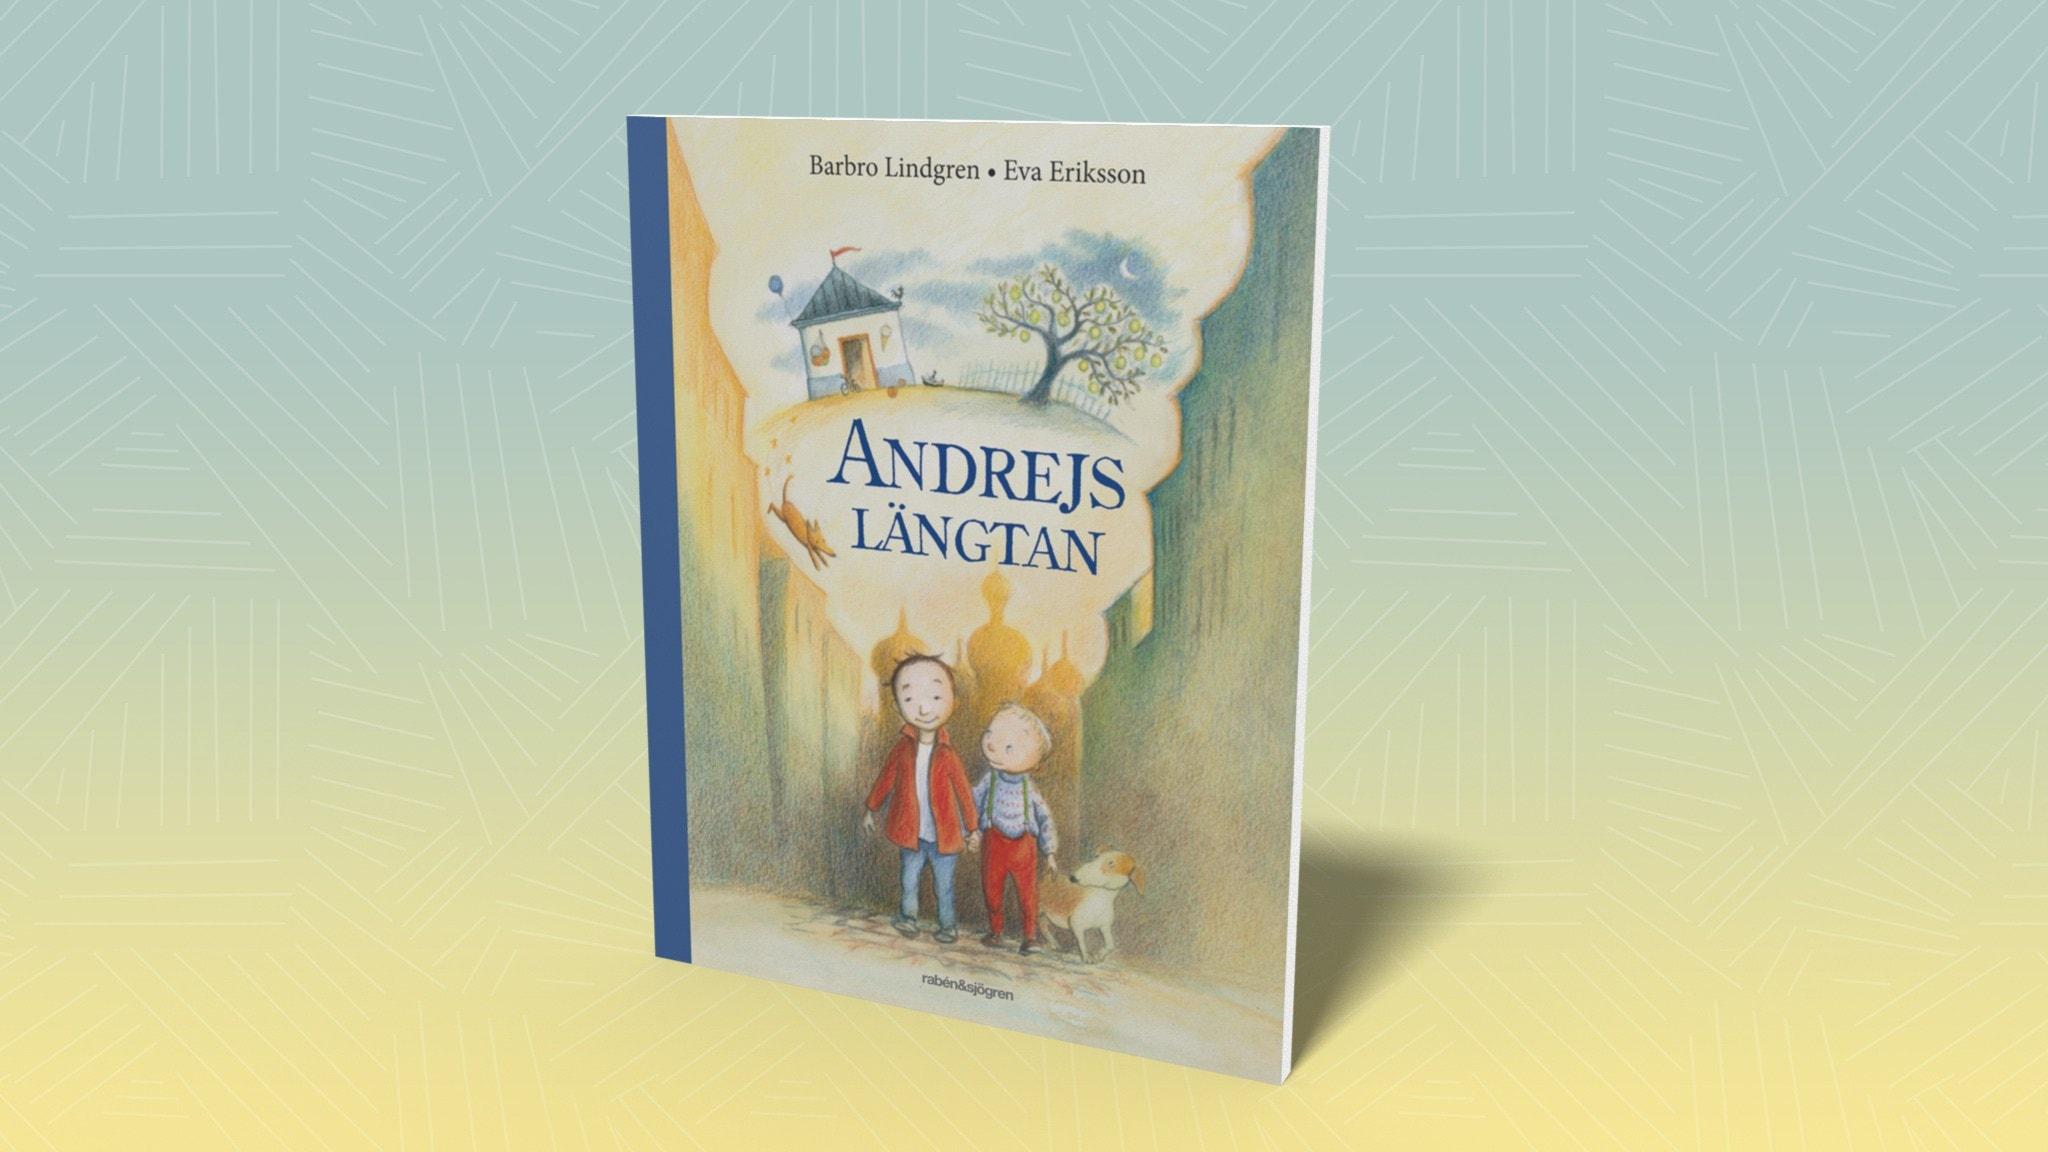 Andrejs längtan